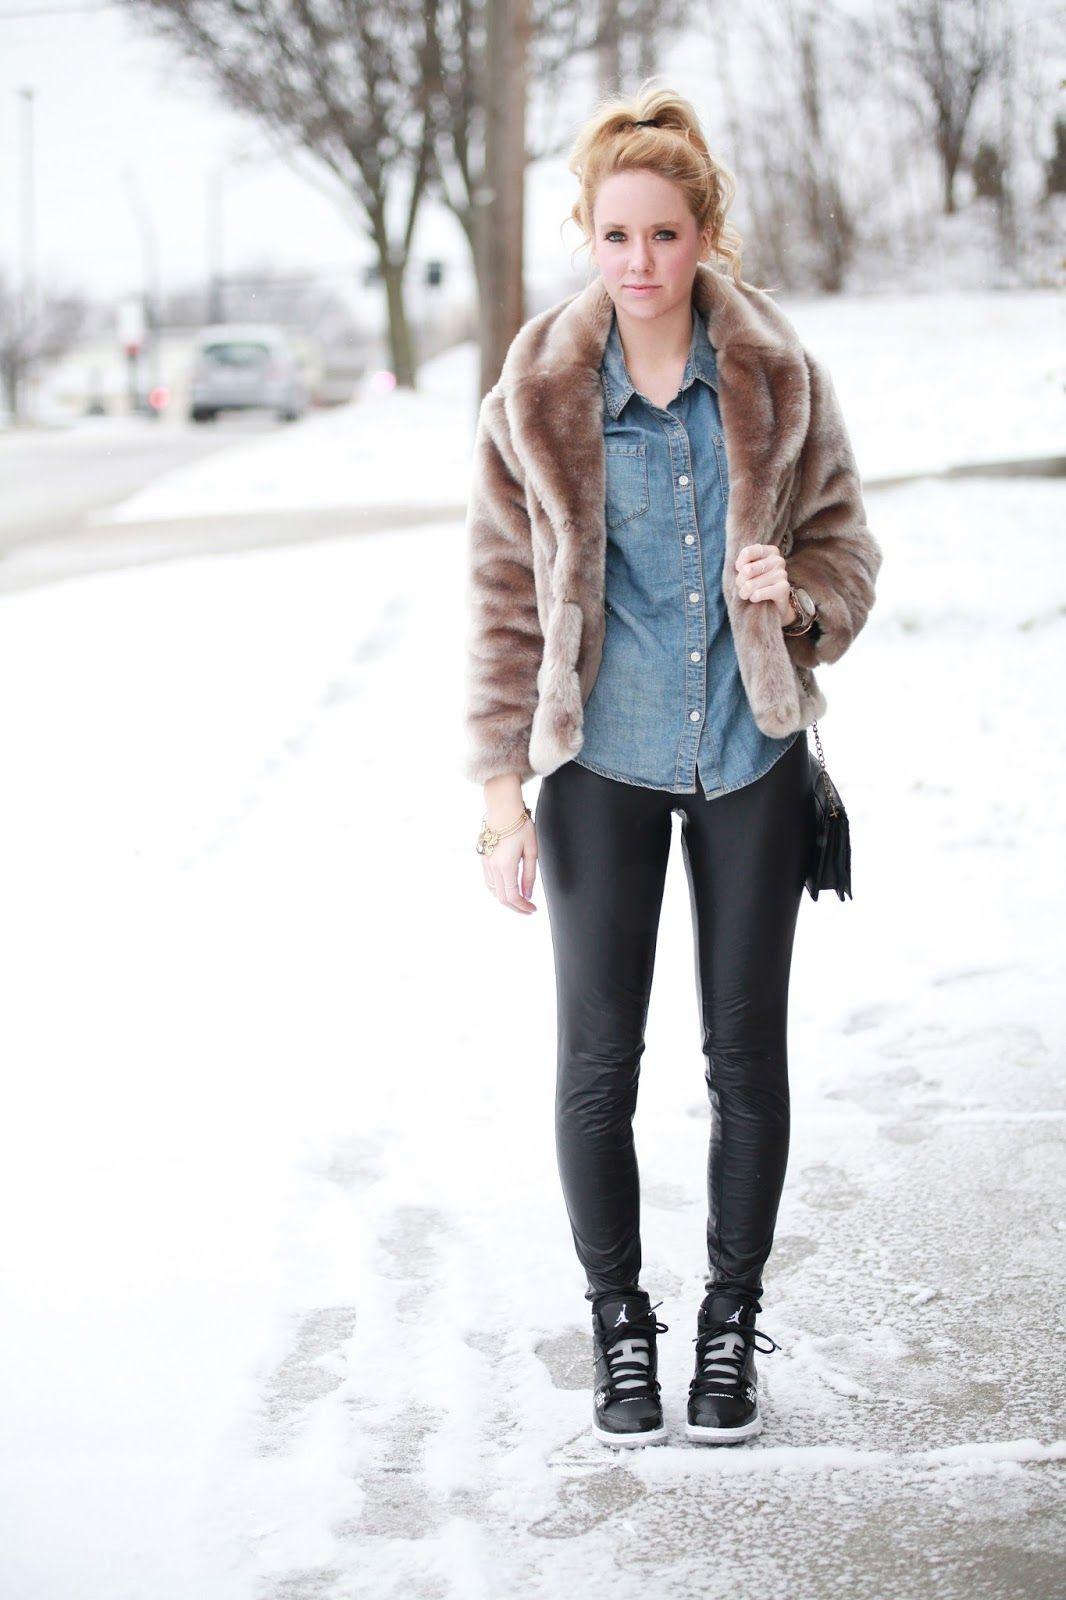 Fashionably Kay: Snow Blizzard